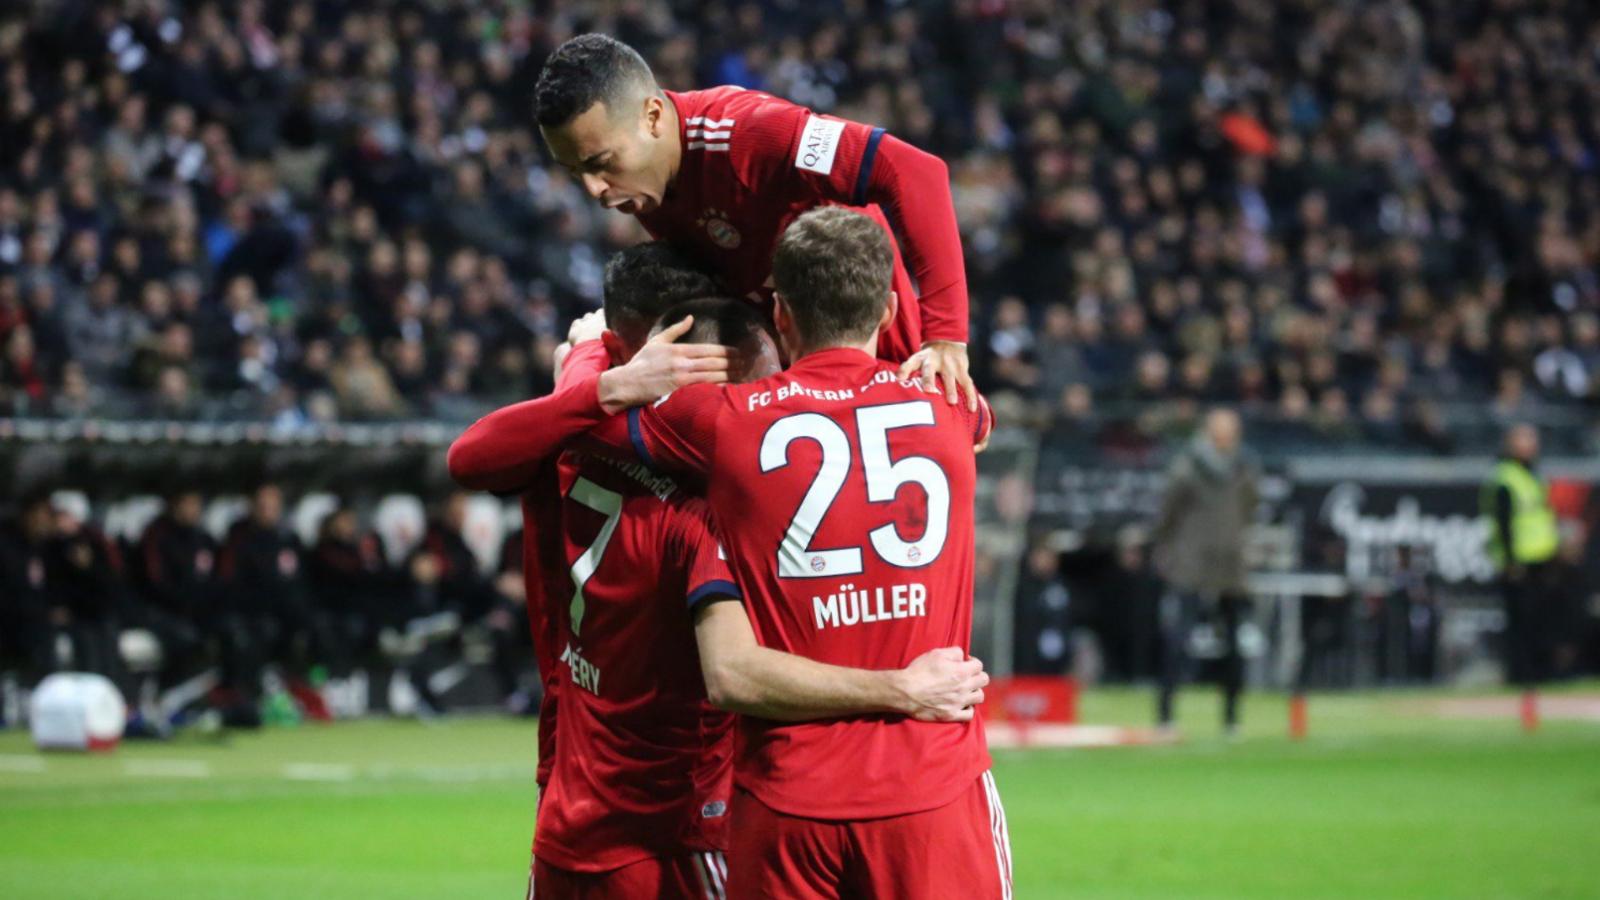 ribery cropped uxvghkk0z2th112i2o7htsim6 - Eintracht Frankfurt vs Bayern Munich 0-3: Bundesliga Highlights [Video]